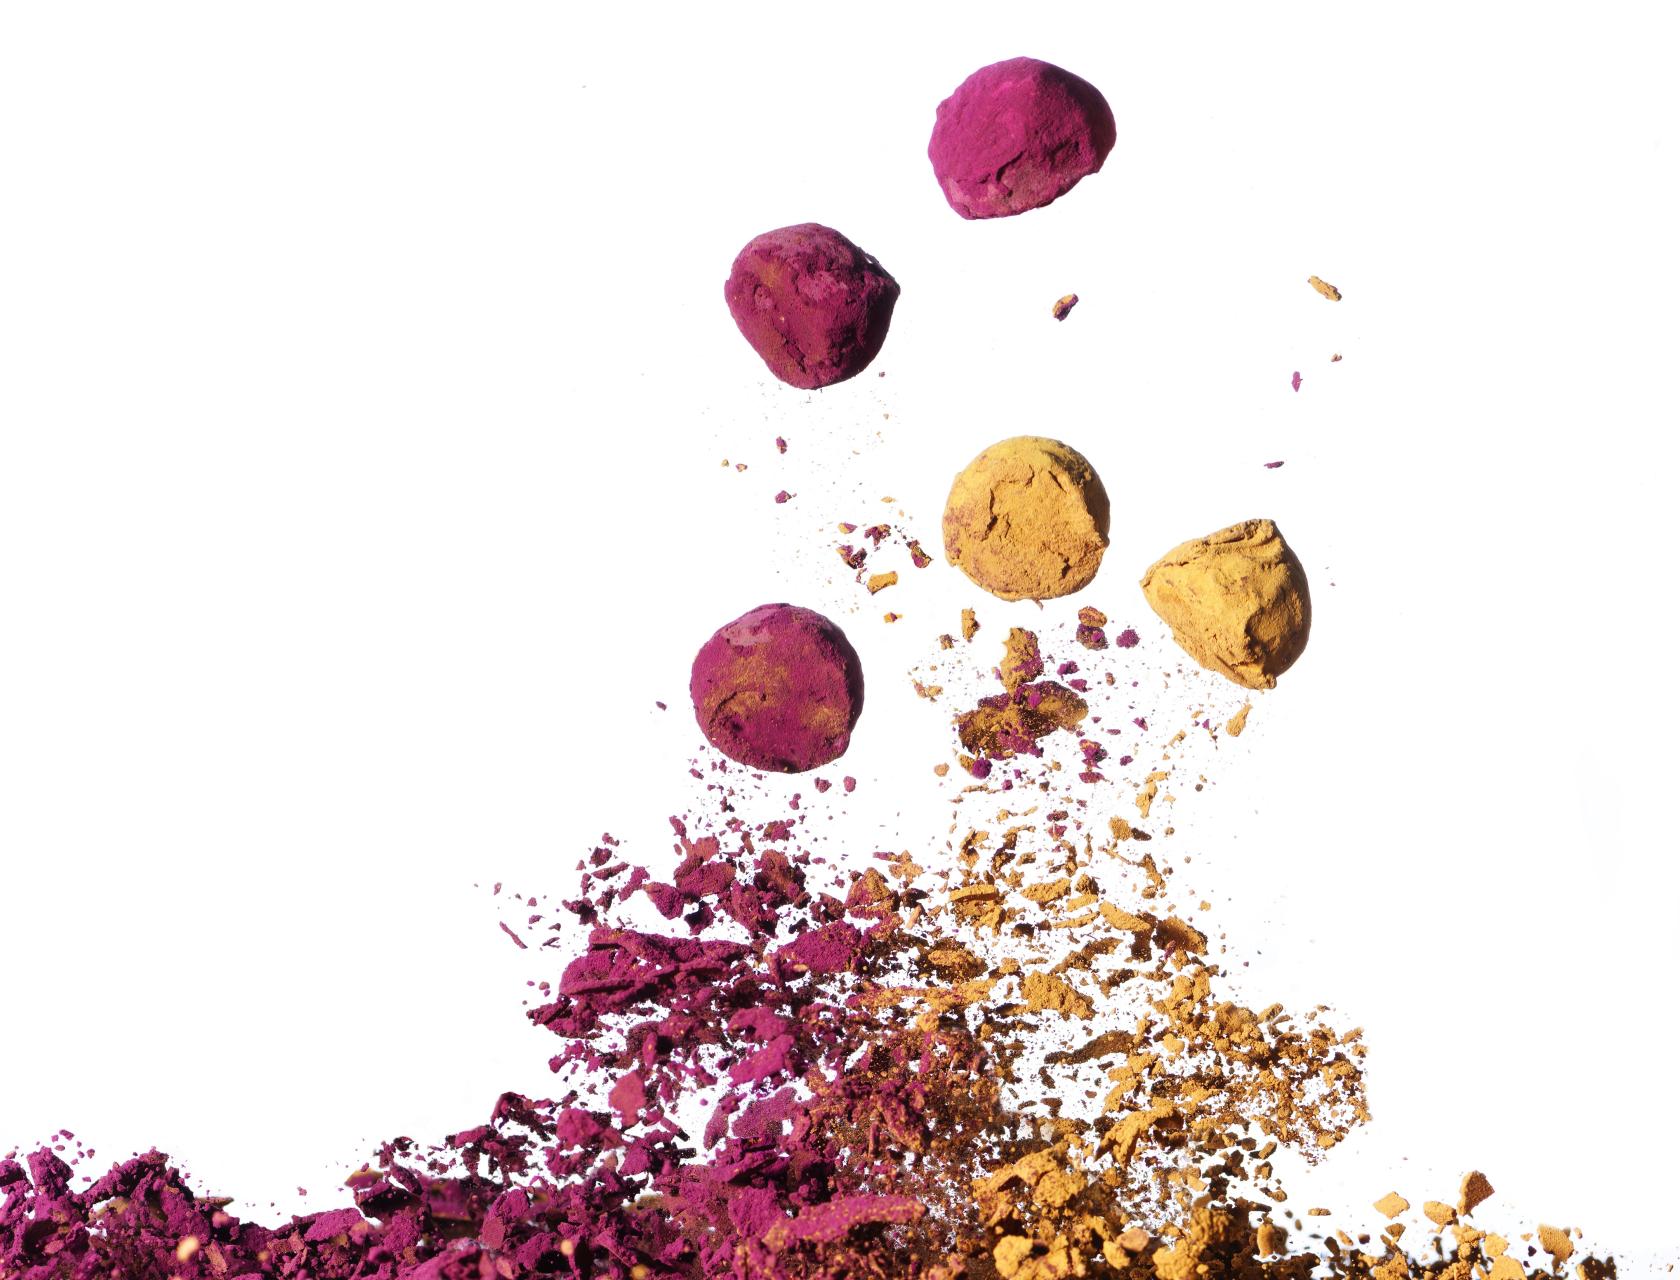 La Maison du Chocolat_truffes-parfumees_lamodecnous.com-la-mode-c-nous_livelamodecnous.com_live-la-mode-c-nous_lmcn_livelamodecnous_1